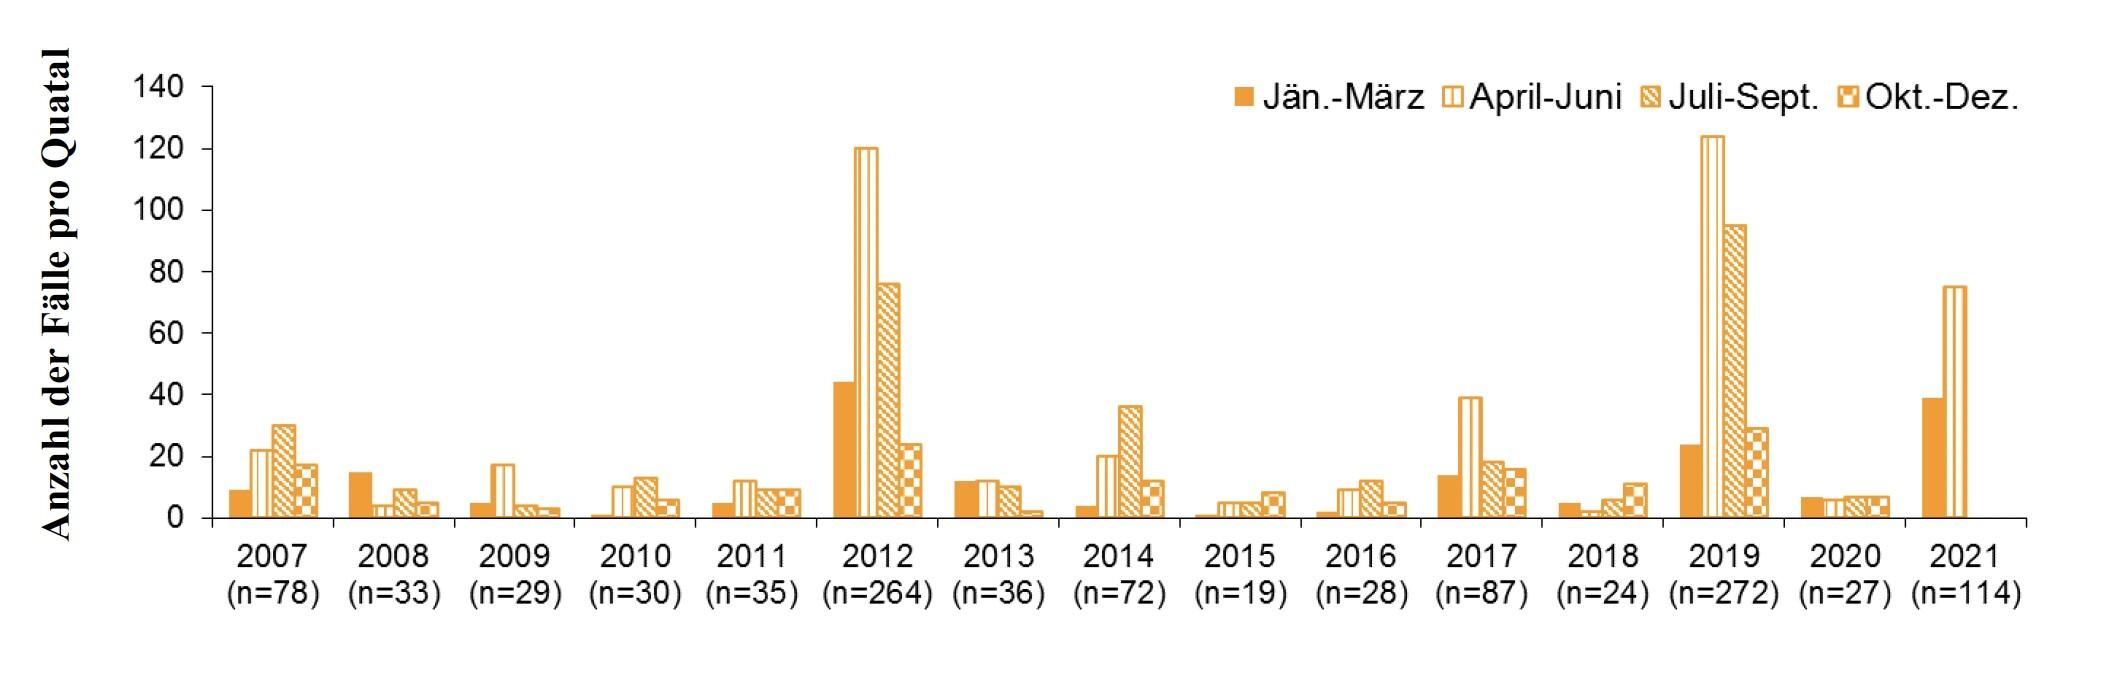 Abbildung: Puumala Virus-Infektionen in Österreich pro Quartal